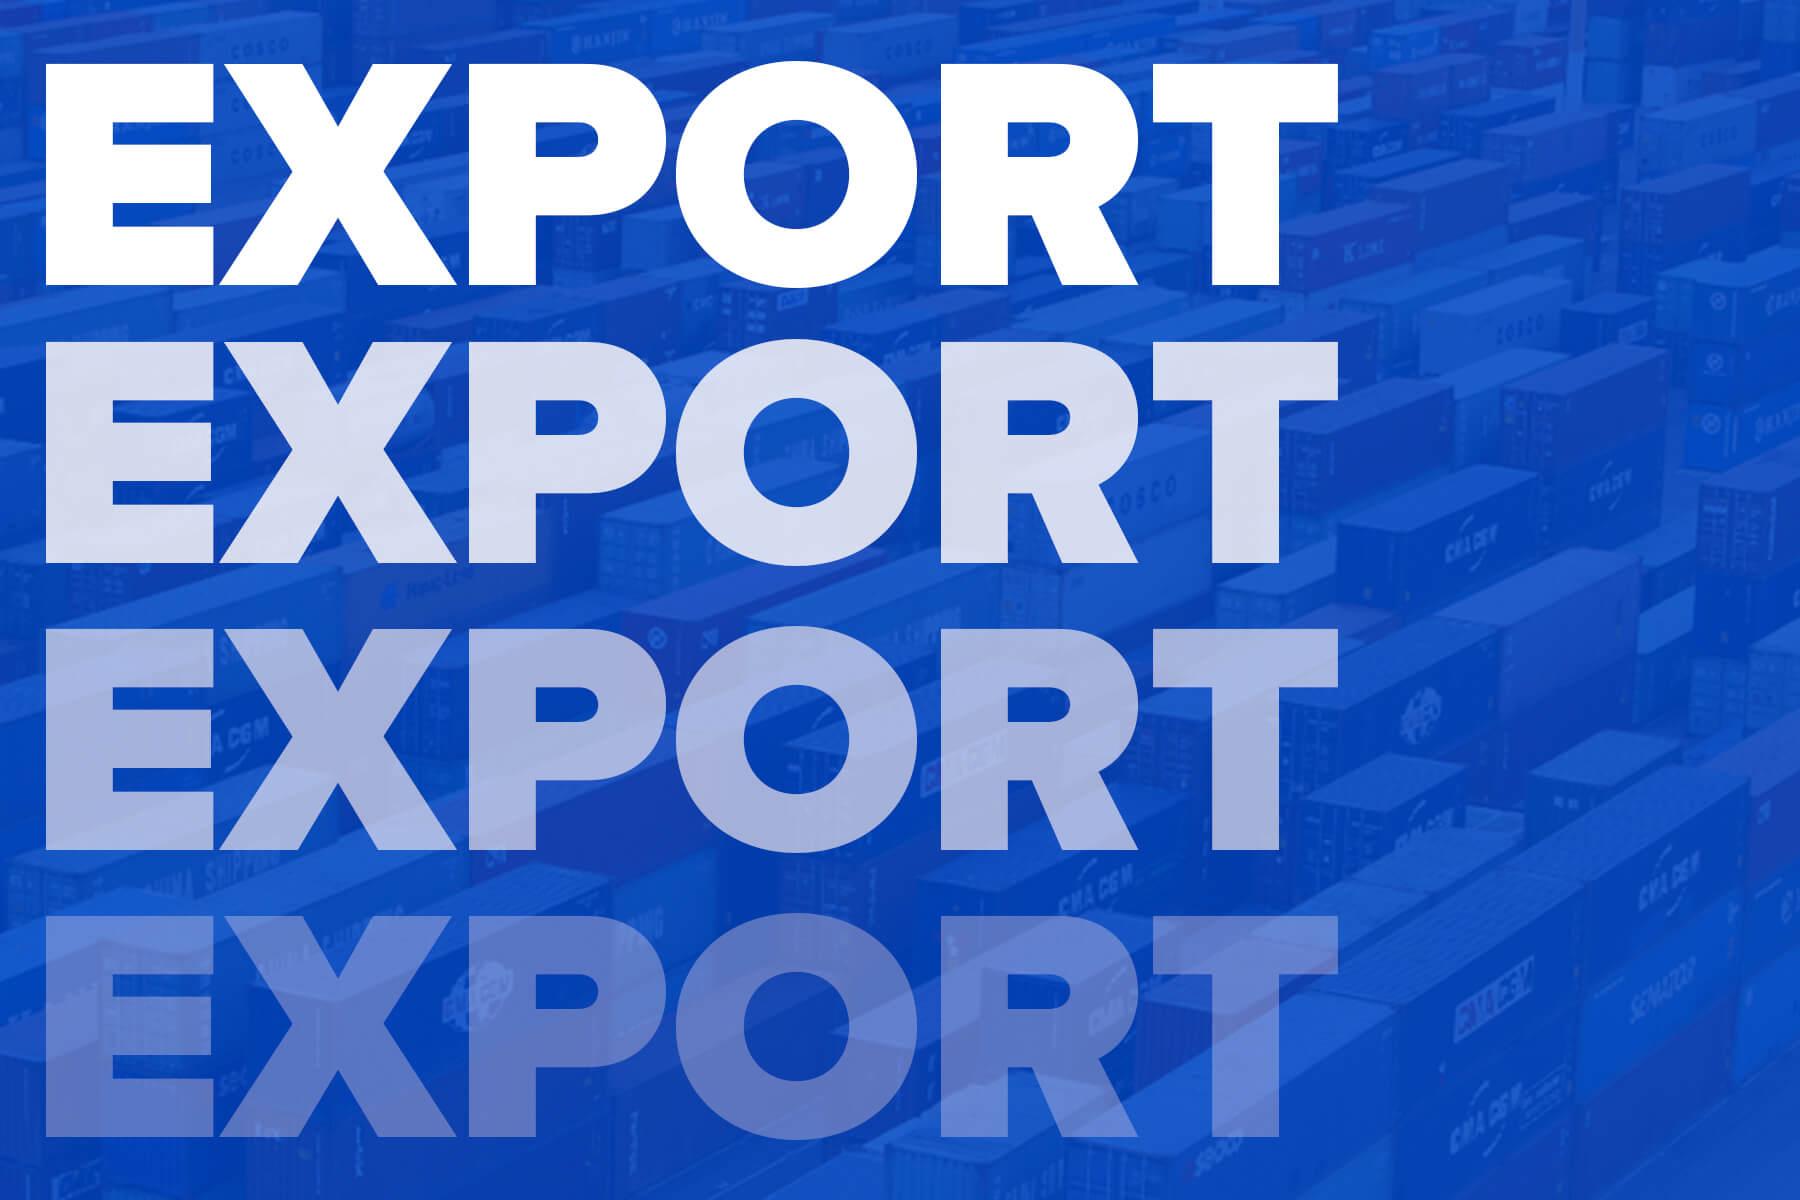 Експорт на карантині. Аналіз головних торговельних партнерів України